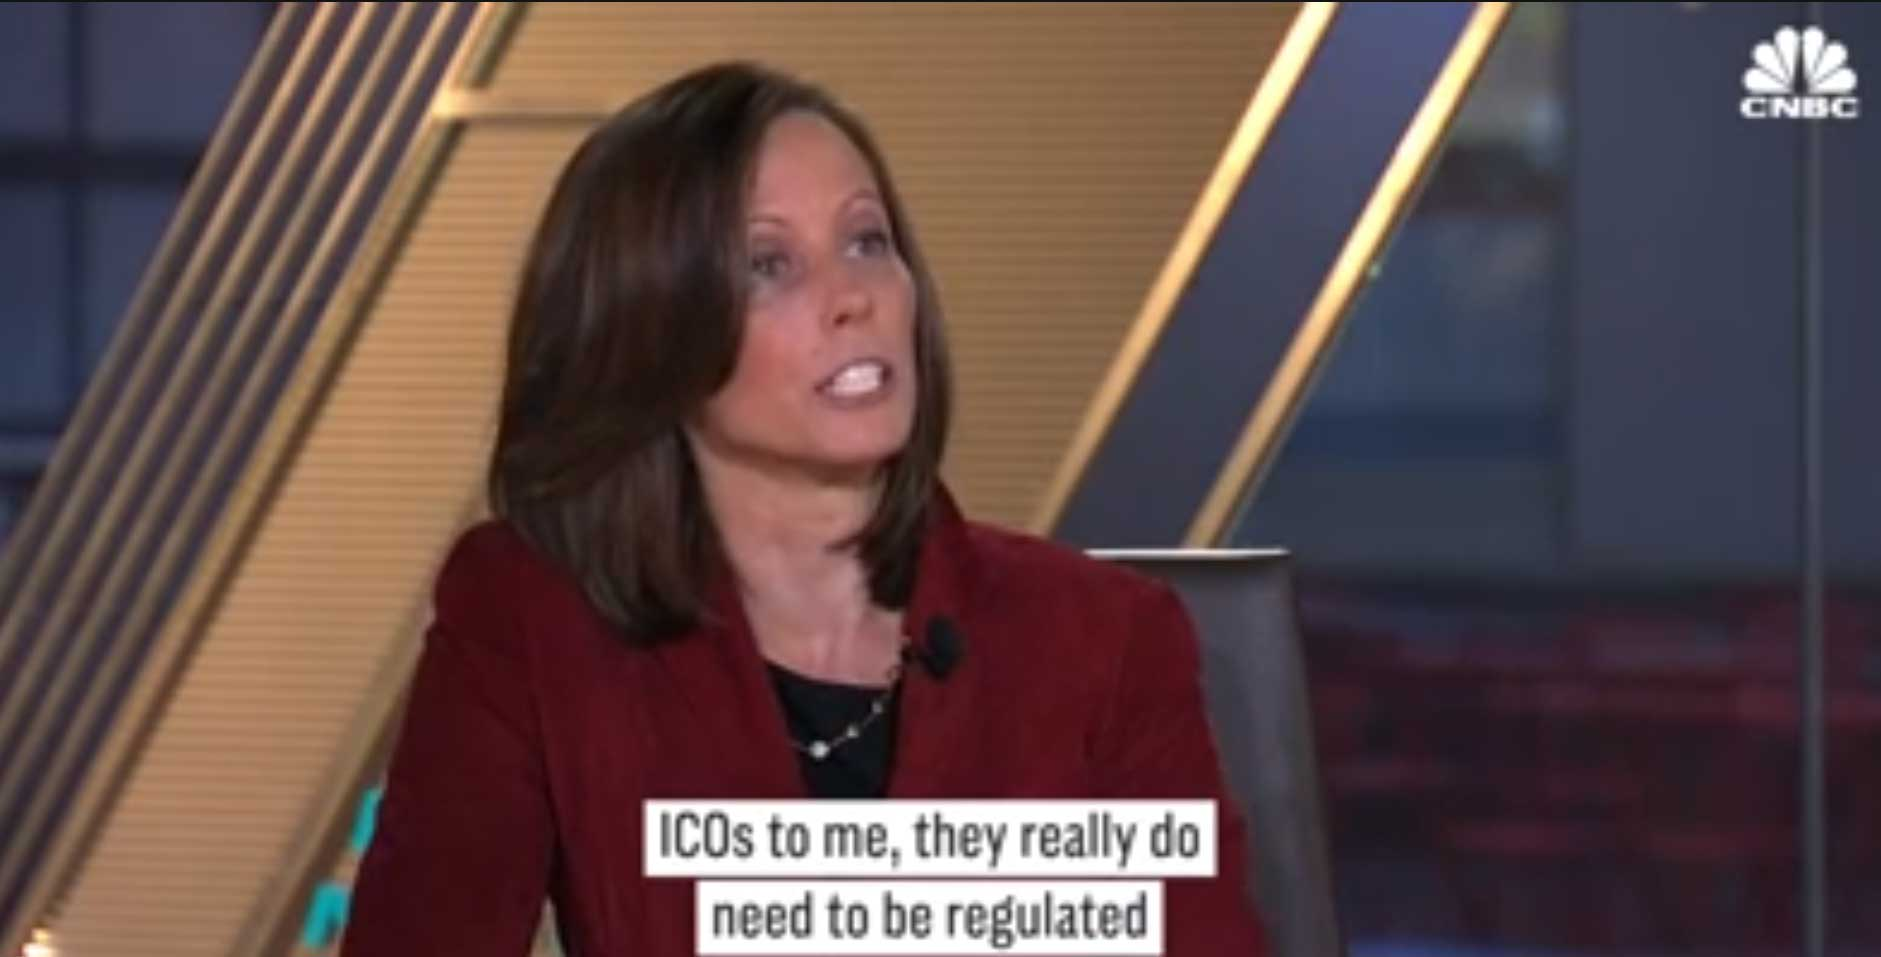 Entrevista de Adena Friedman al Programa Squawk Box de CNC